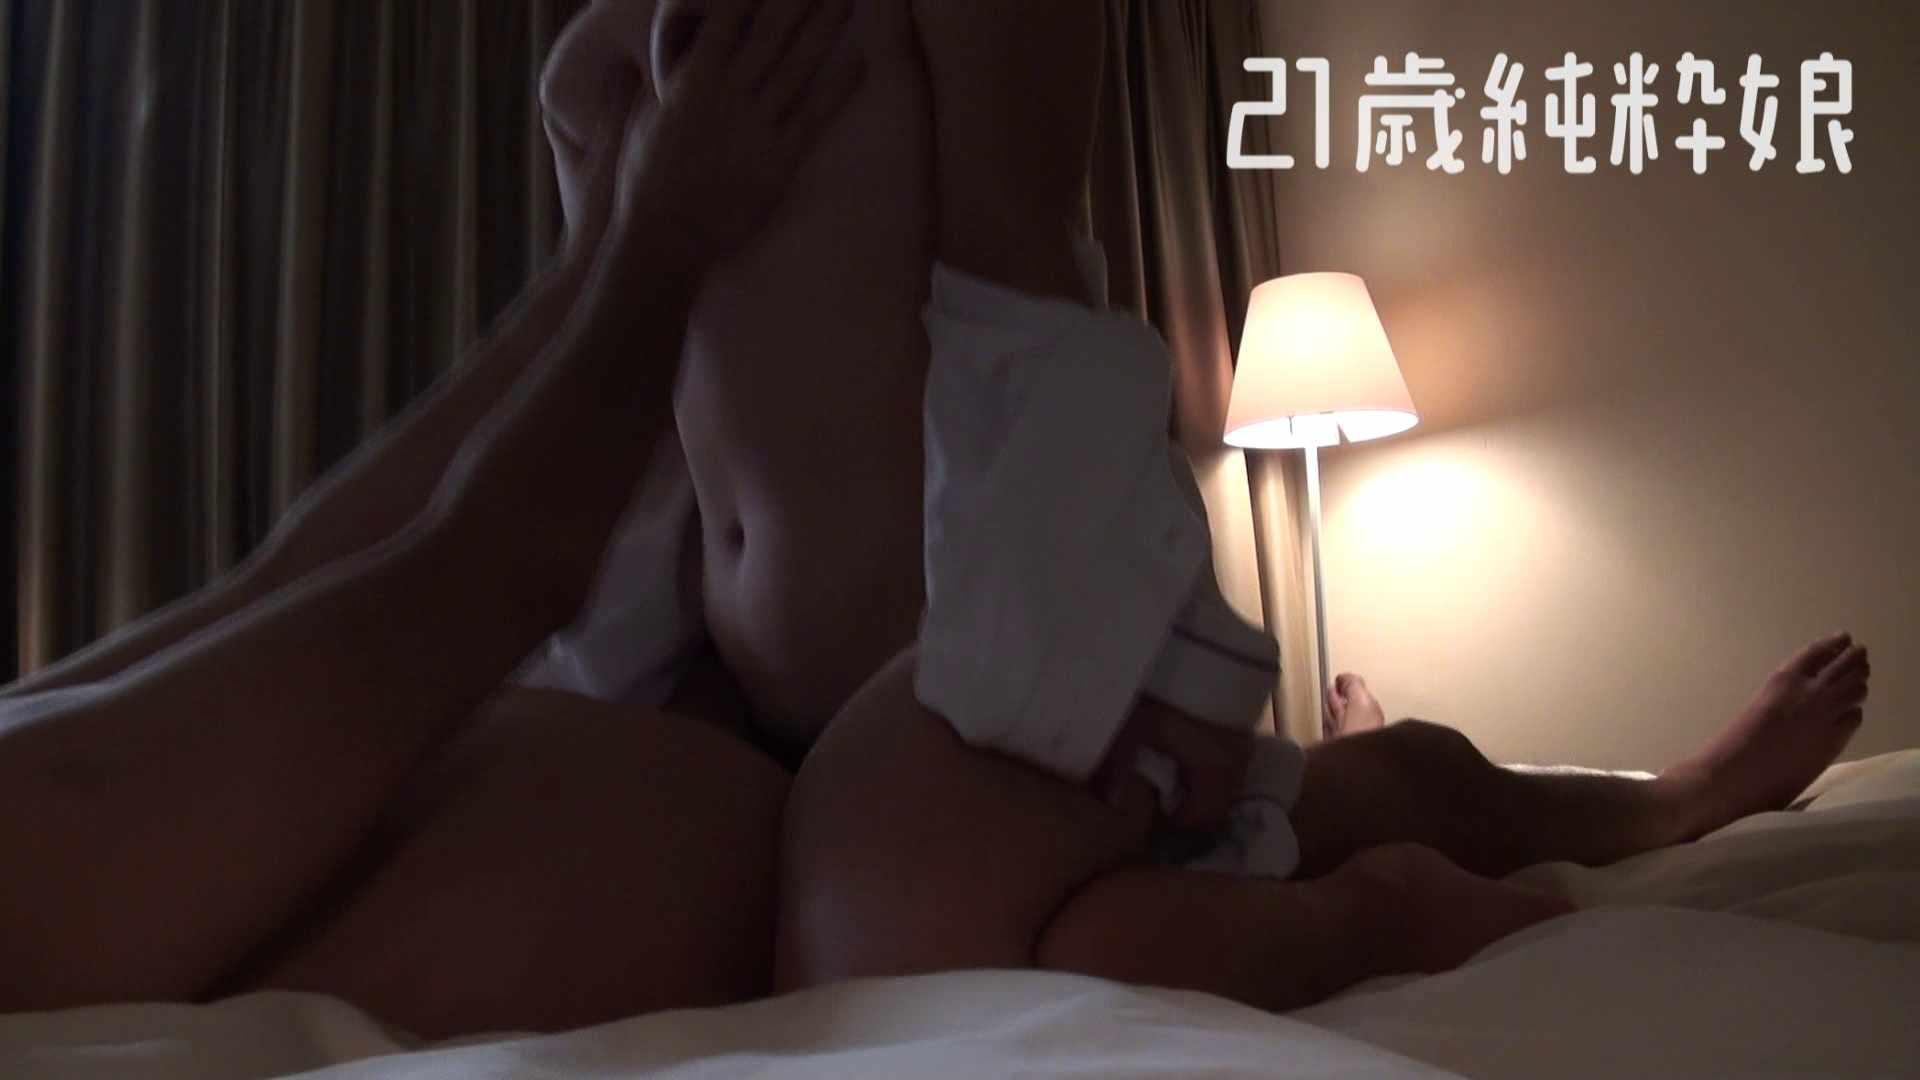 上京したばかりのGカップ21歳純粋嬢を都合の良い女にしてみた2 一般投稿 AV動画キャプチャ 70pic 54